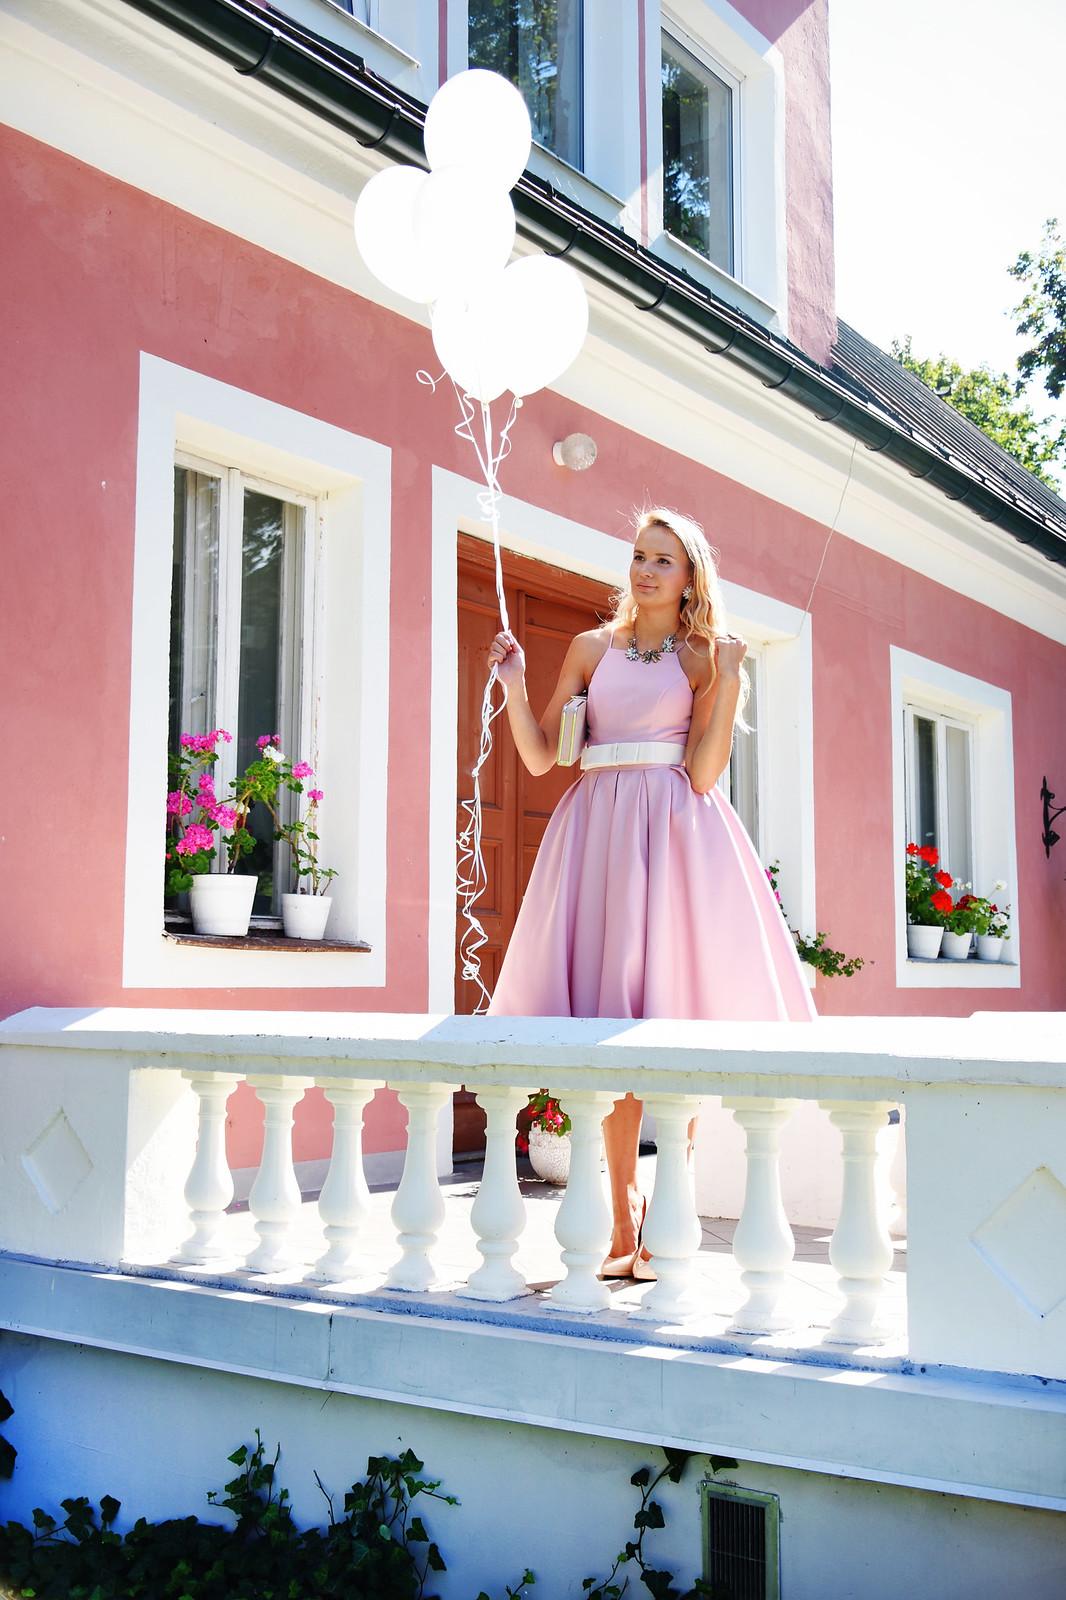 Fancy dress photo shoot